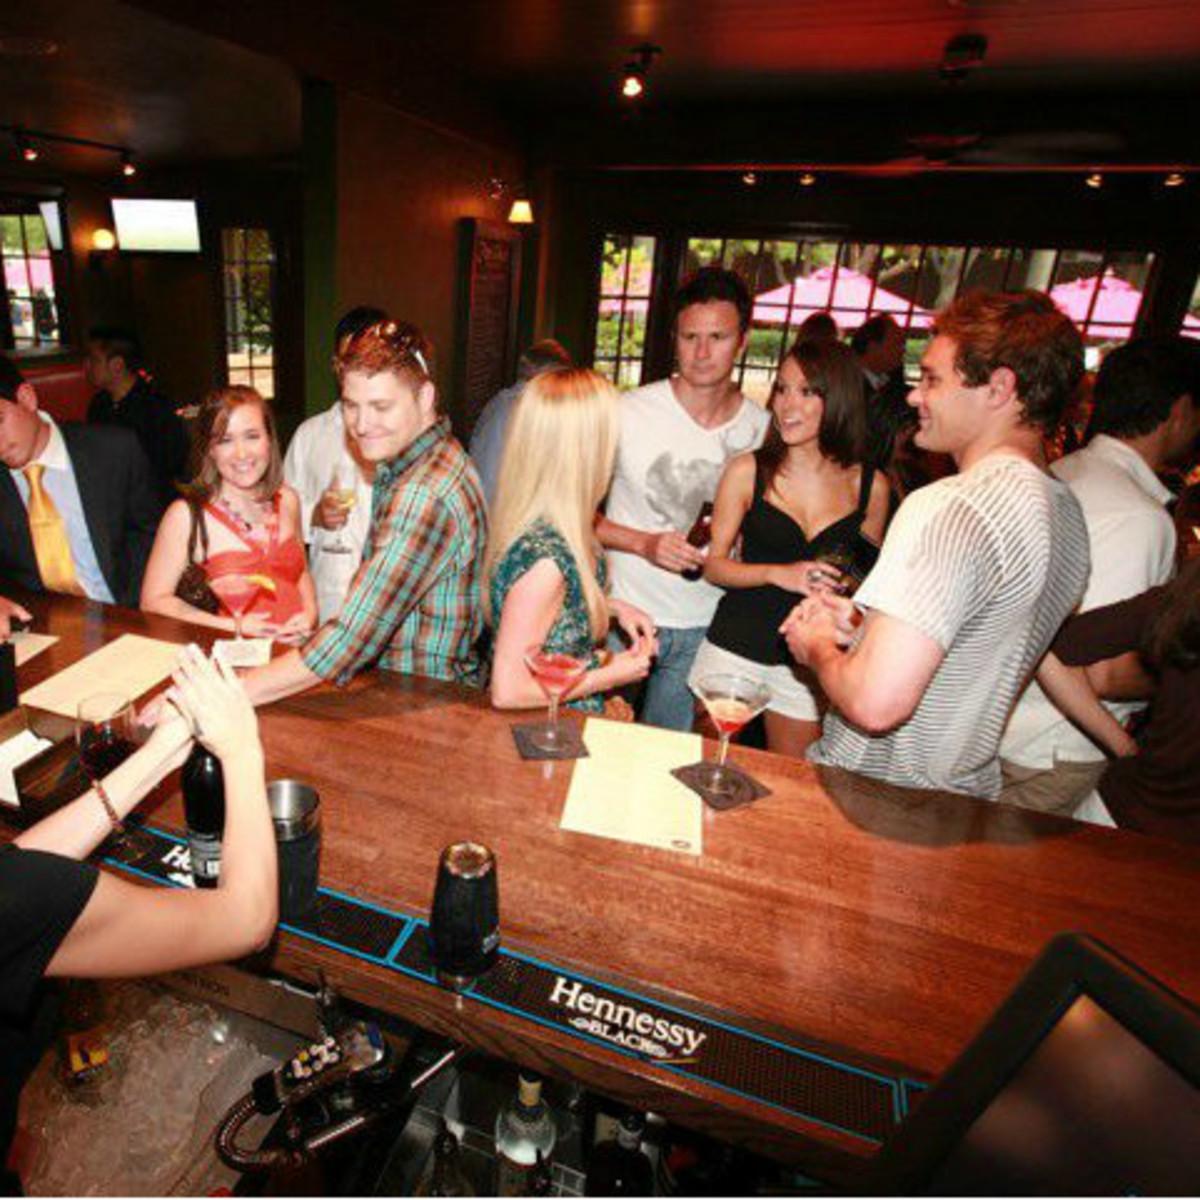 The Common Table in Dallas